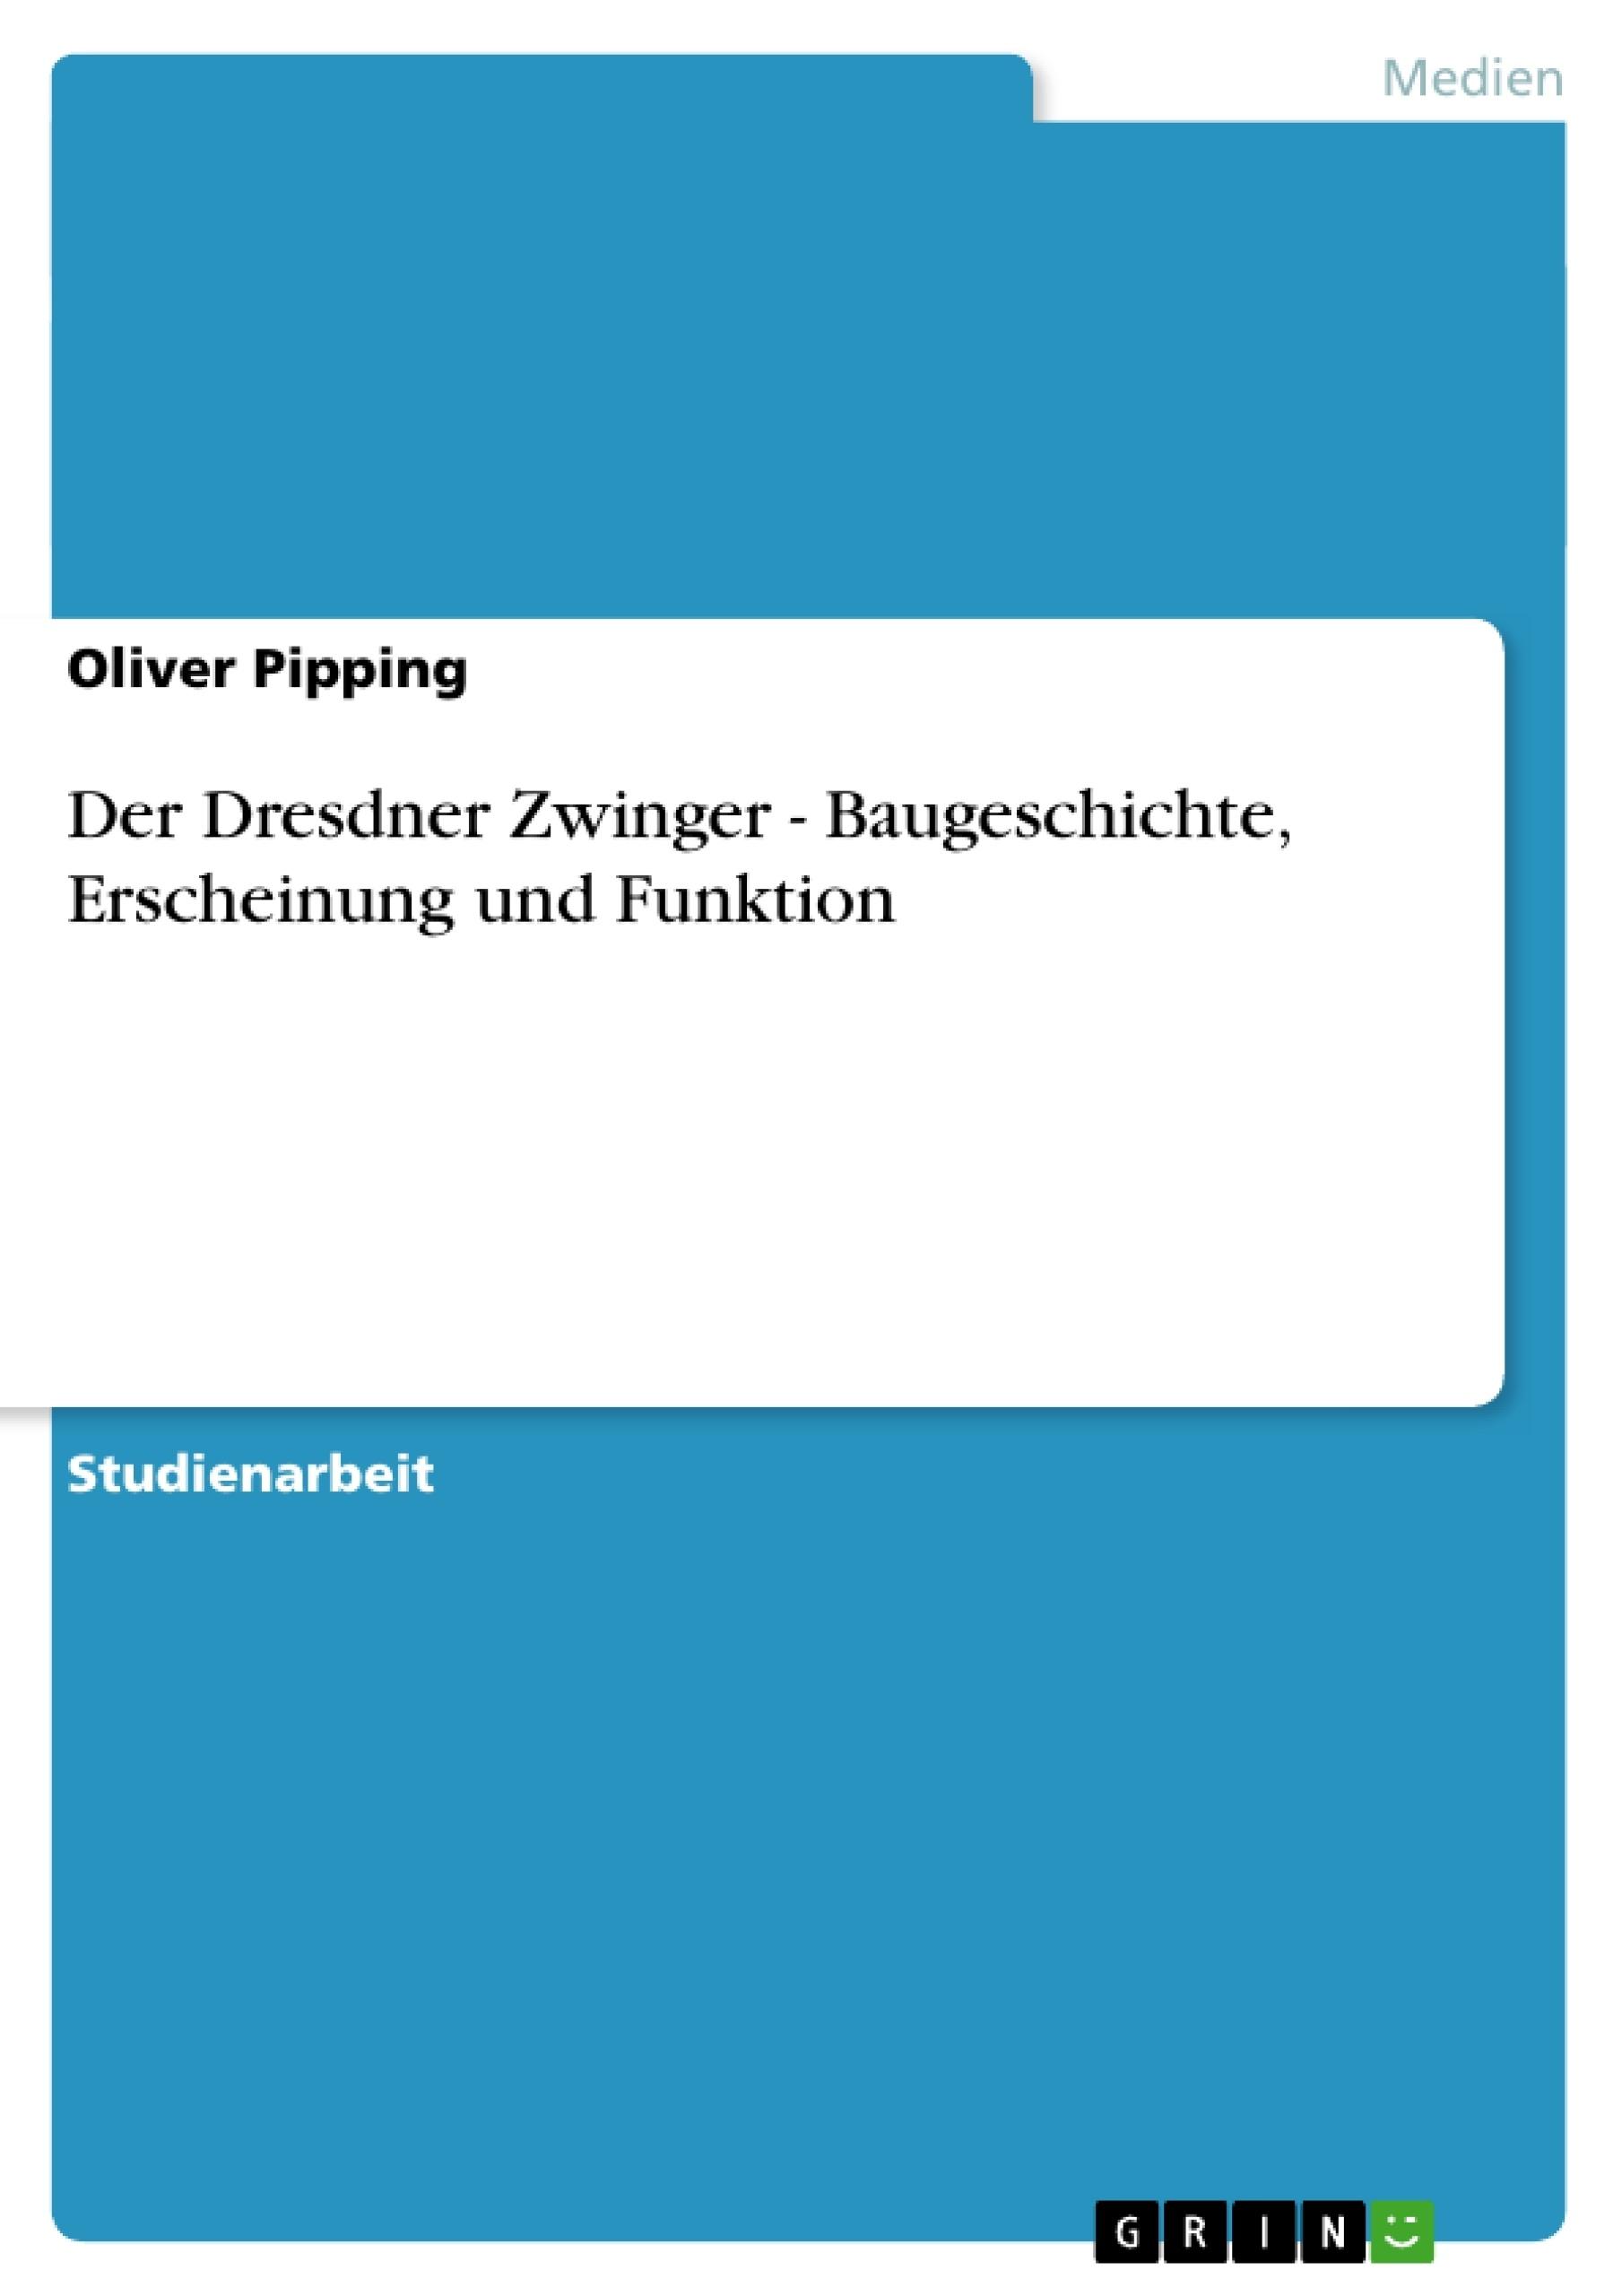 Titel: Der Dresdner Zwinger - Baugeschichte, Erscheinung und Funktion